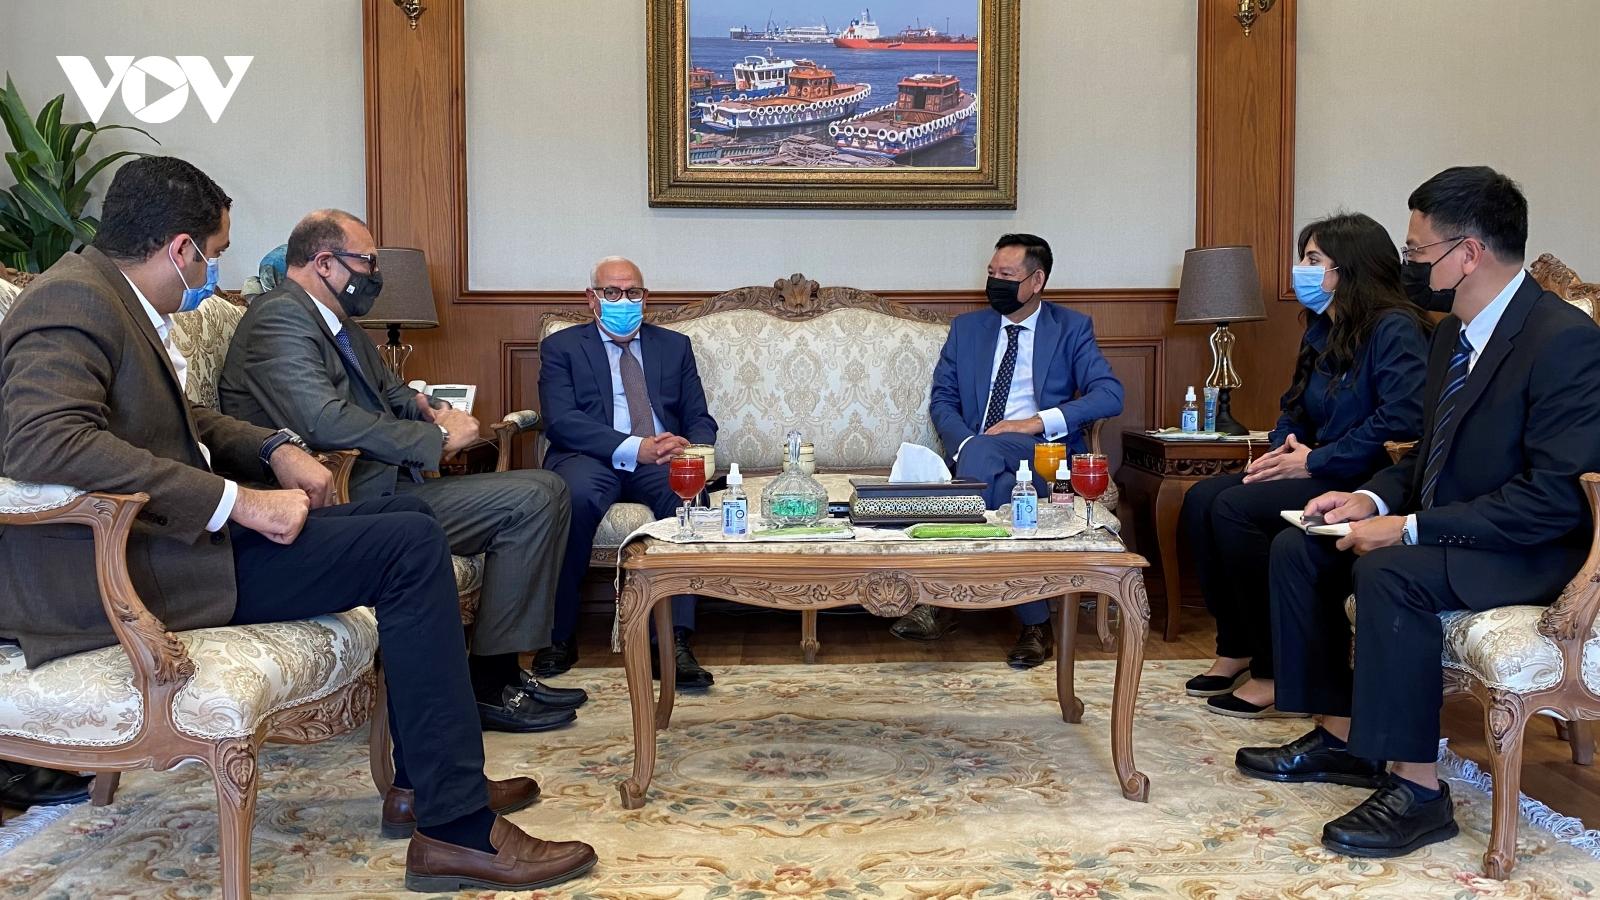 Thúc đẩy hợp tác giữa Việt Nam với các thành phố của Ai Cập